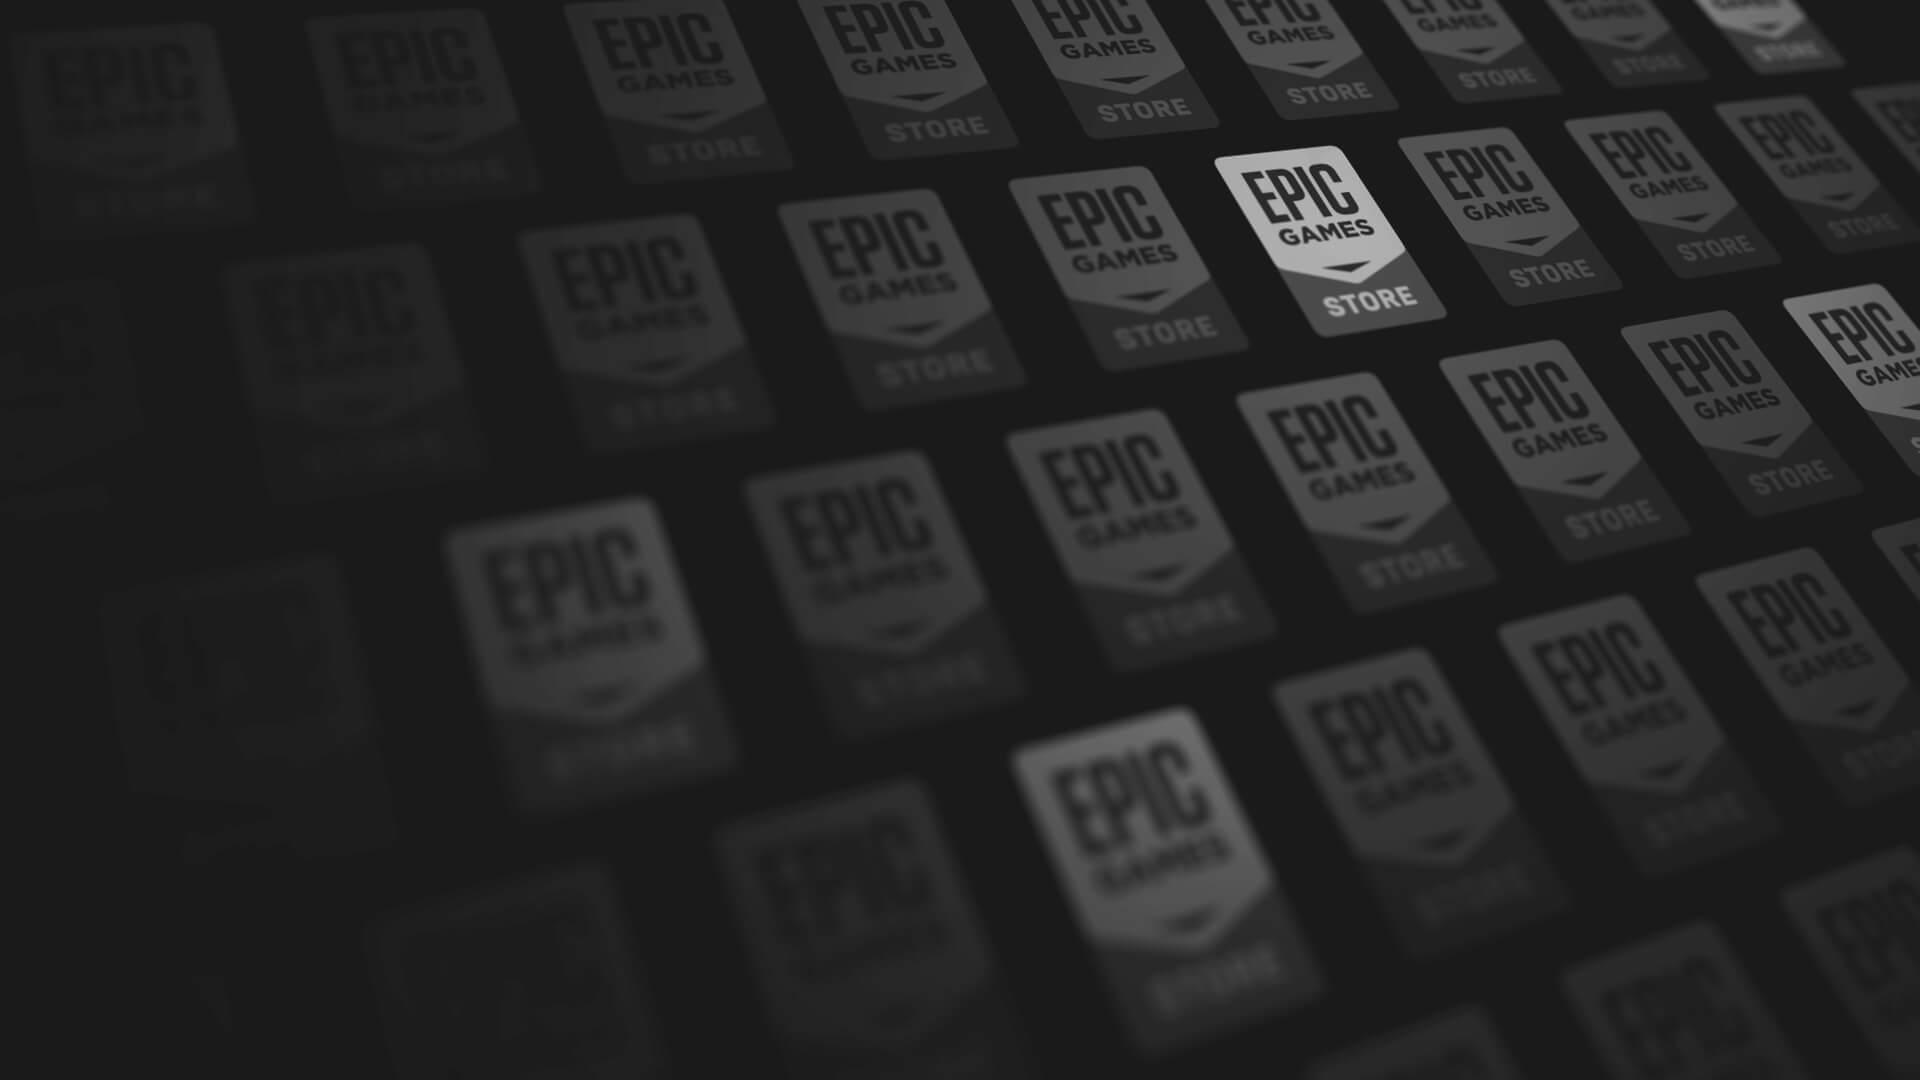 В Epic Games Store появилась возможность самостоятельного возврата средств за покупки